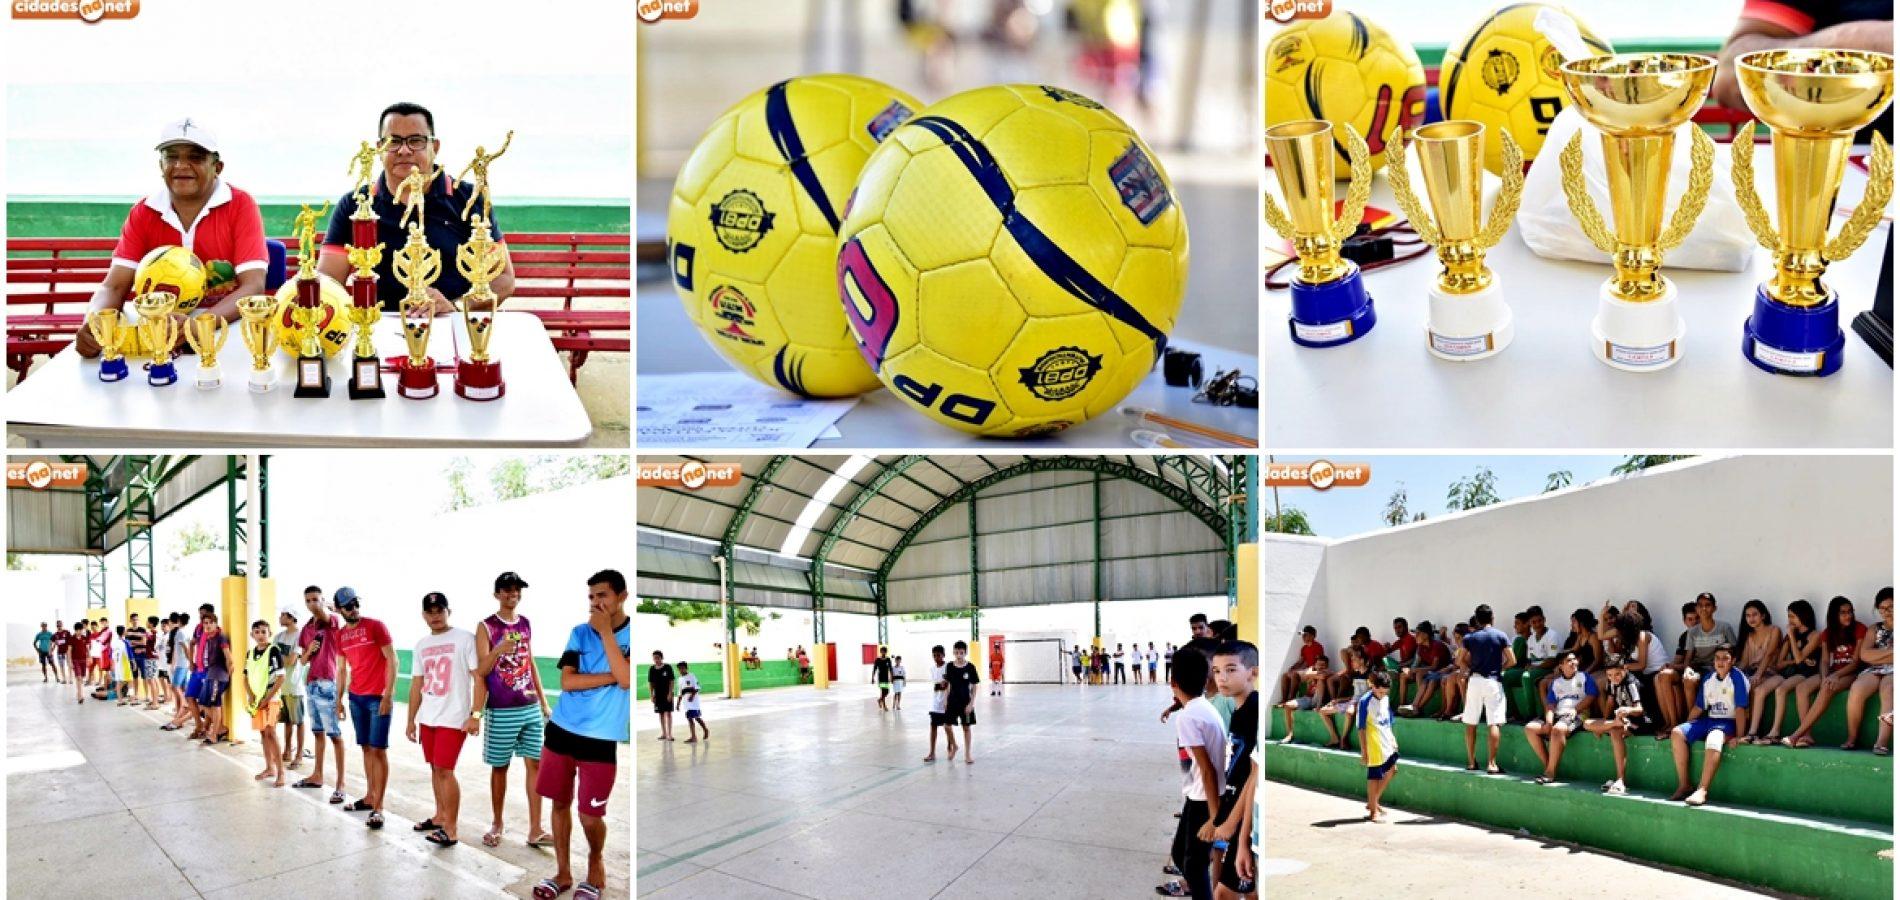 ALEGRETE | Gestão do prefeito Márcio Alencar promove os Jogos Estudantis MJM 2019; fotos